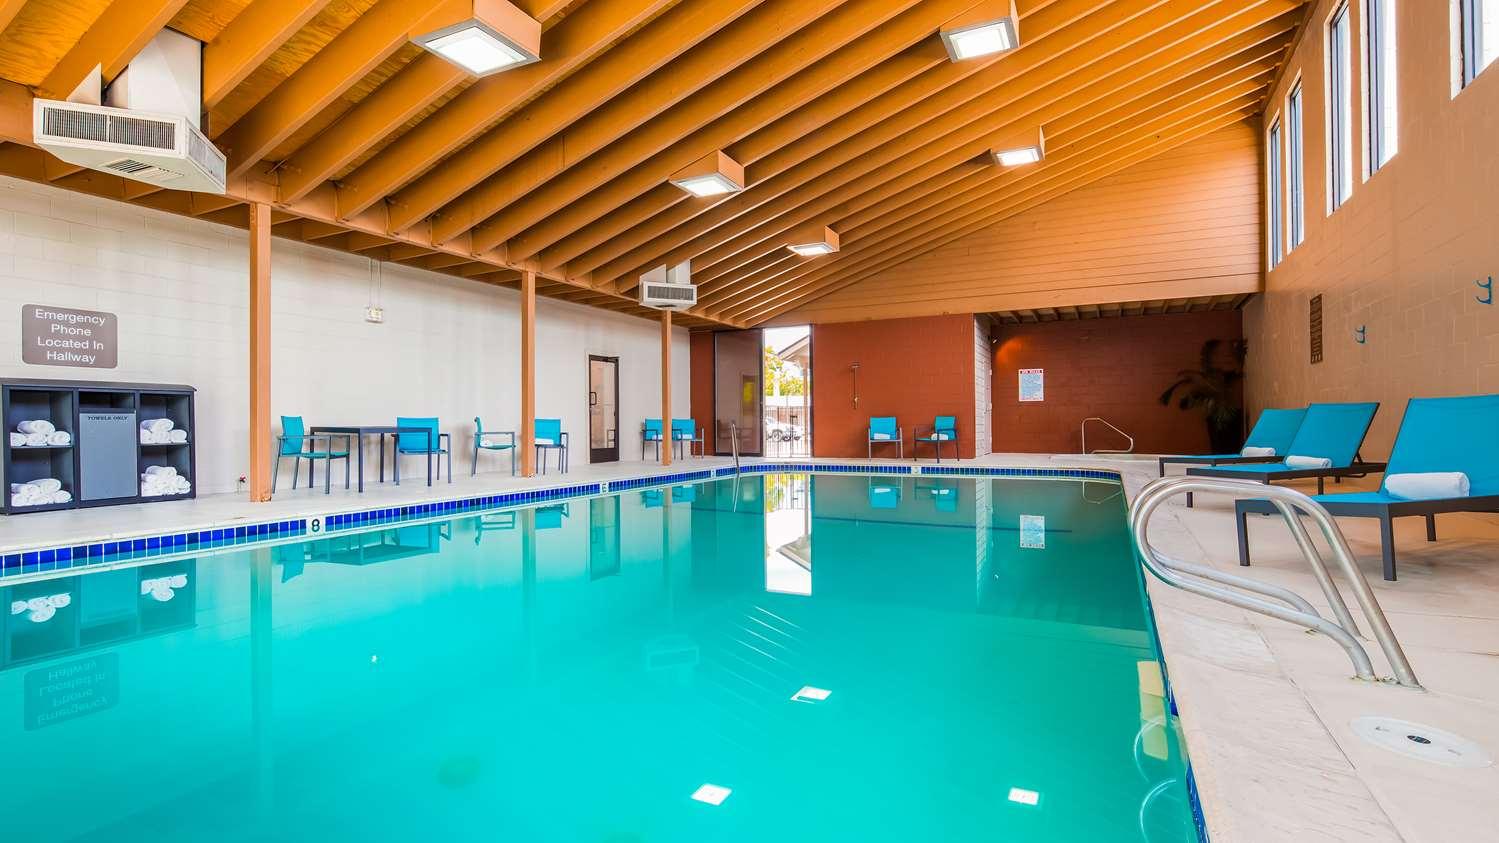 Best Hotels Near University Of Oregon